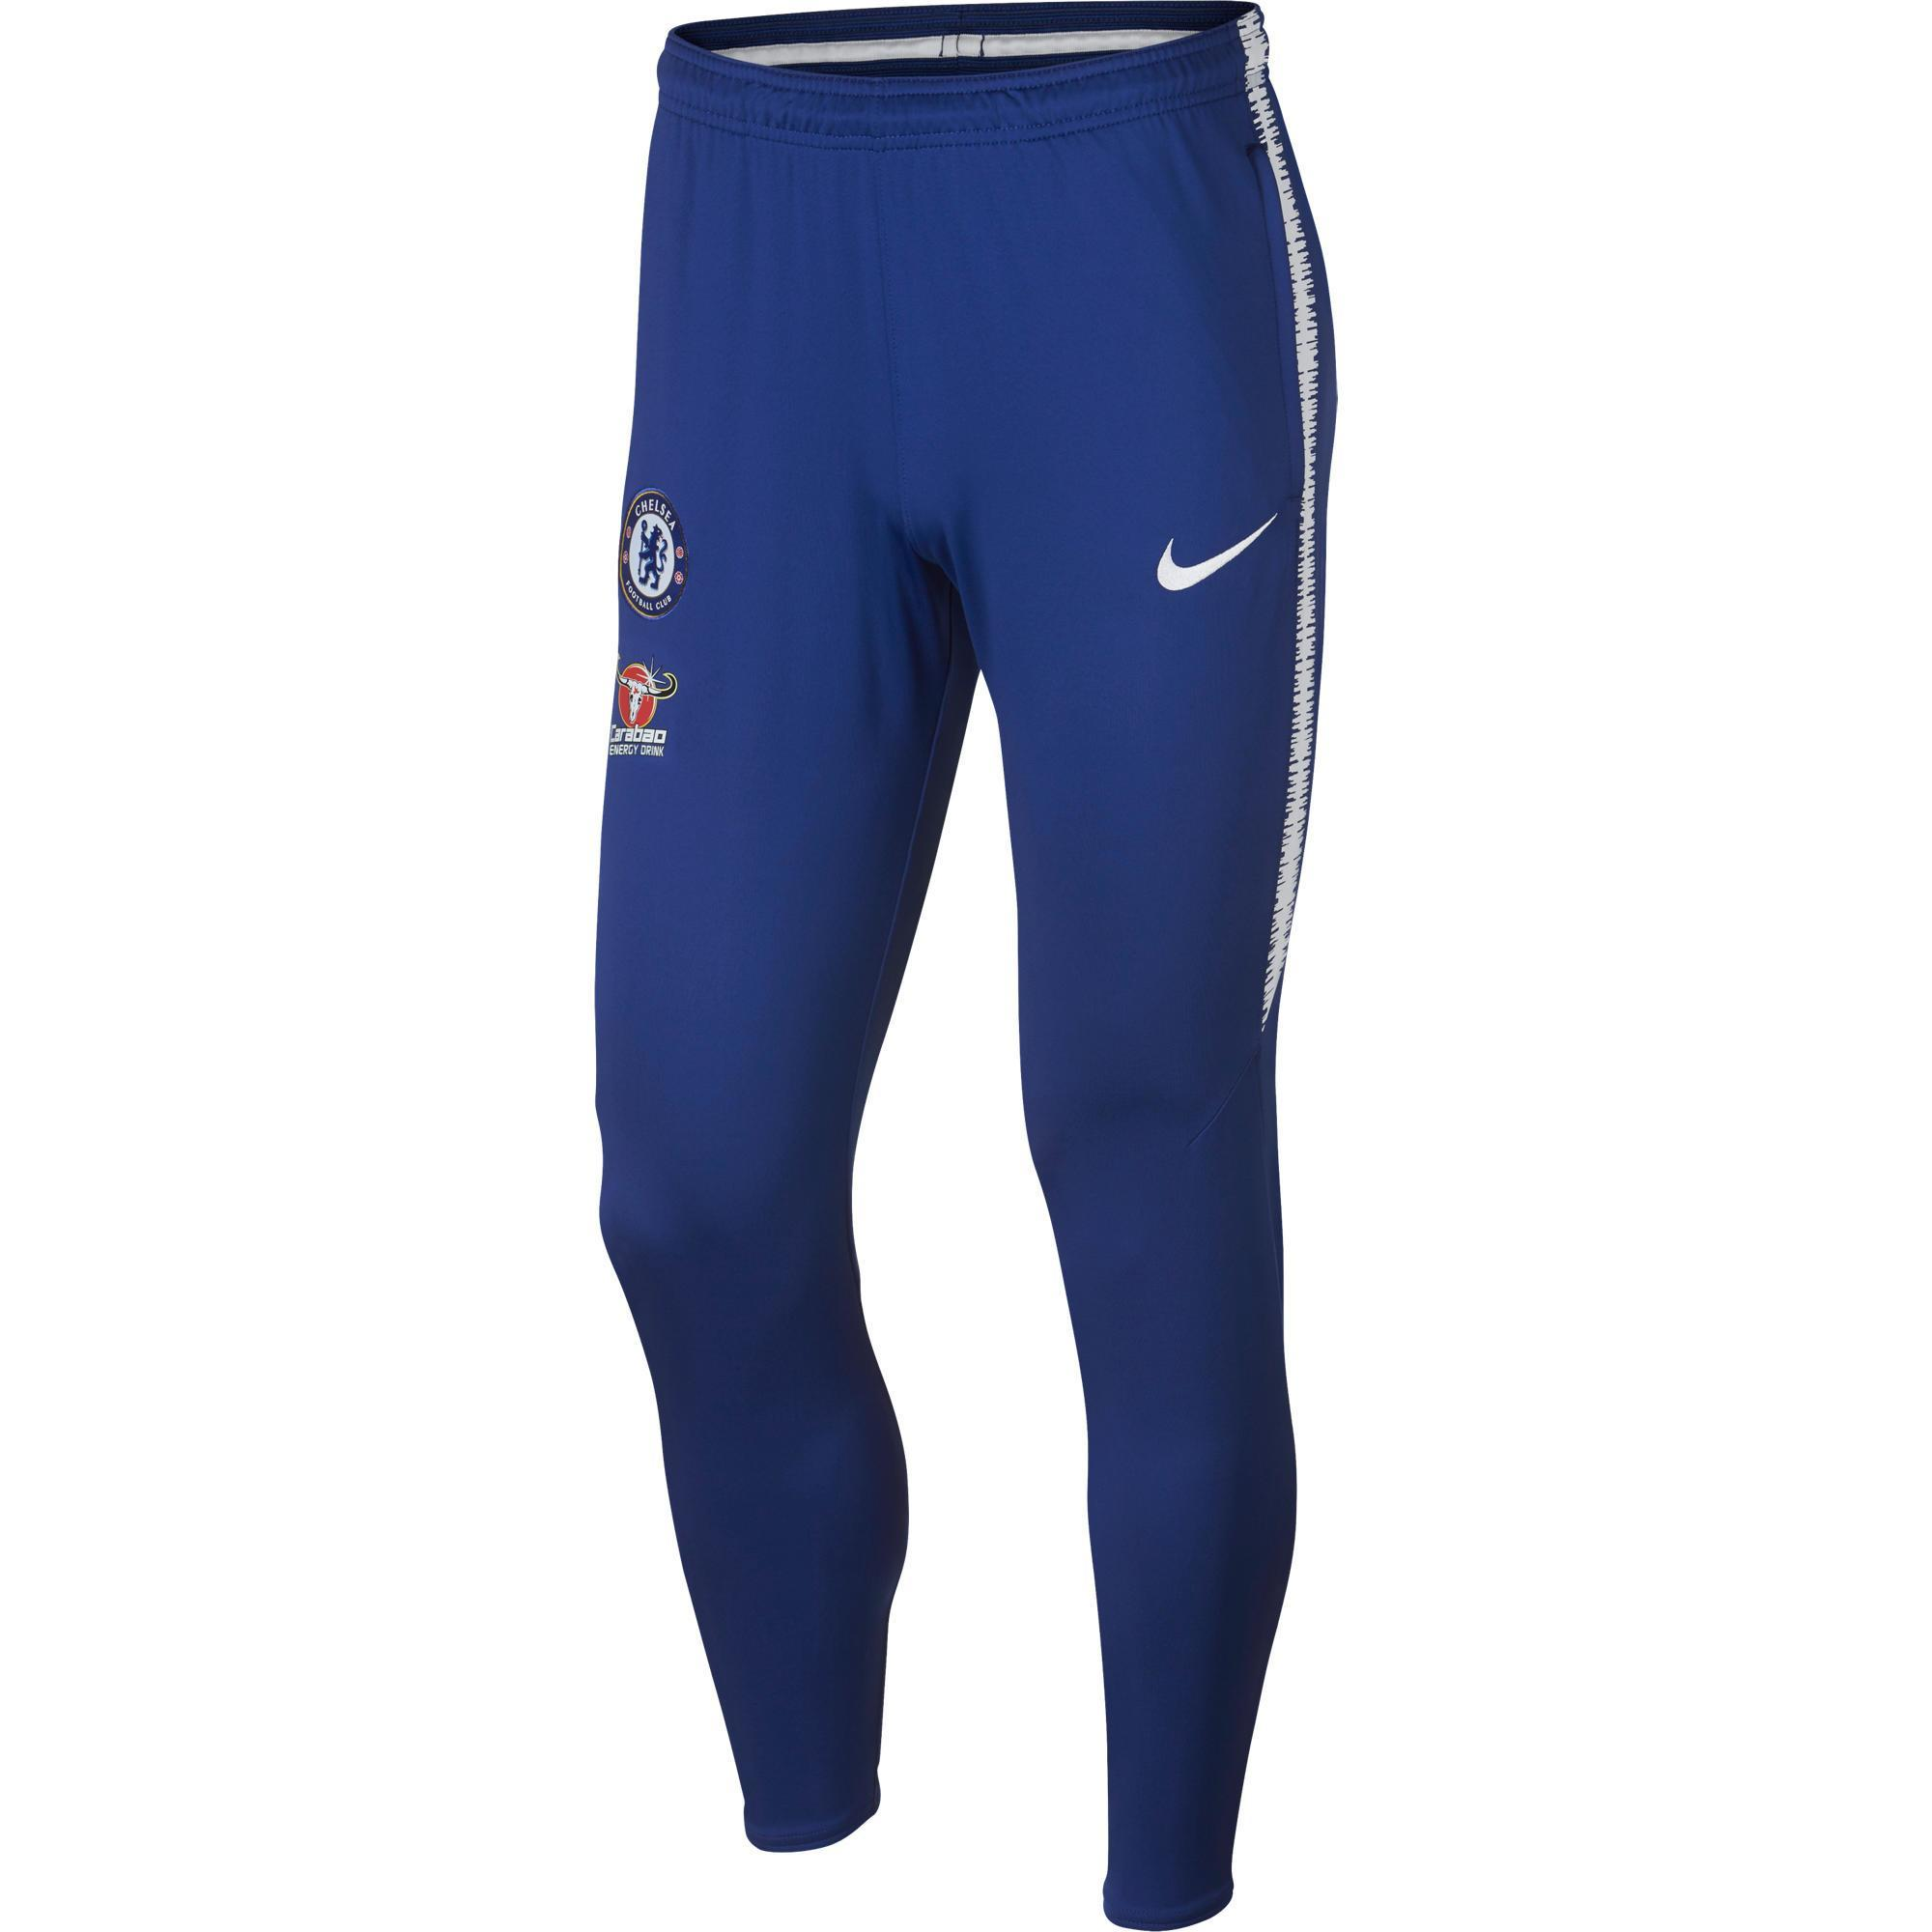 Nike Voetbal trainingsbroek Chelsea 18/19 blauw